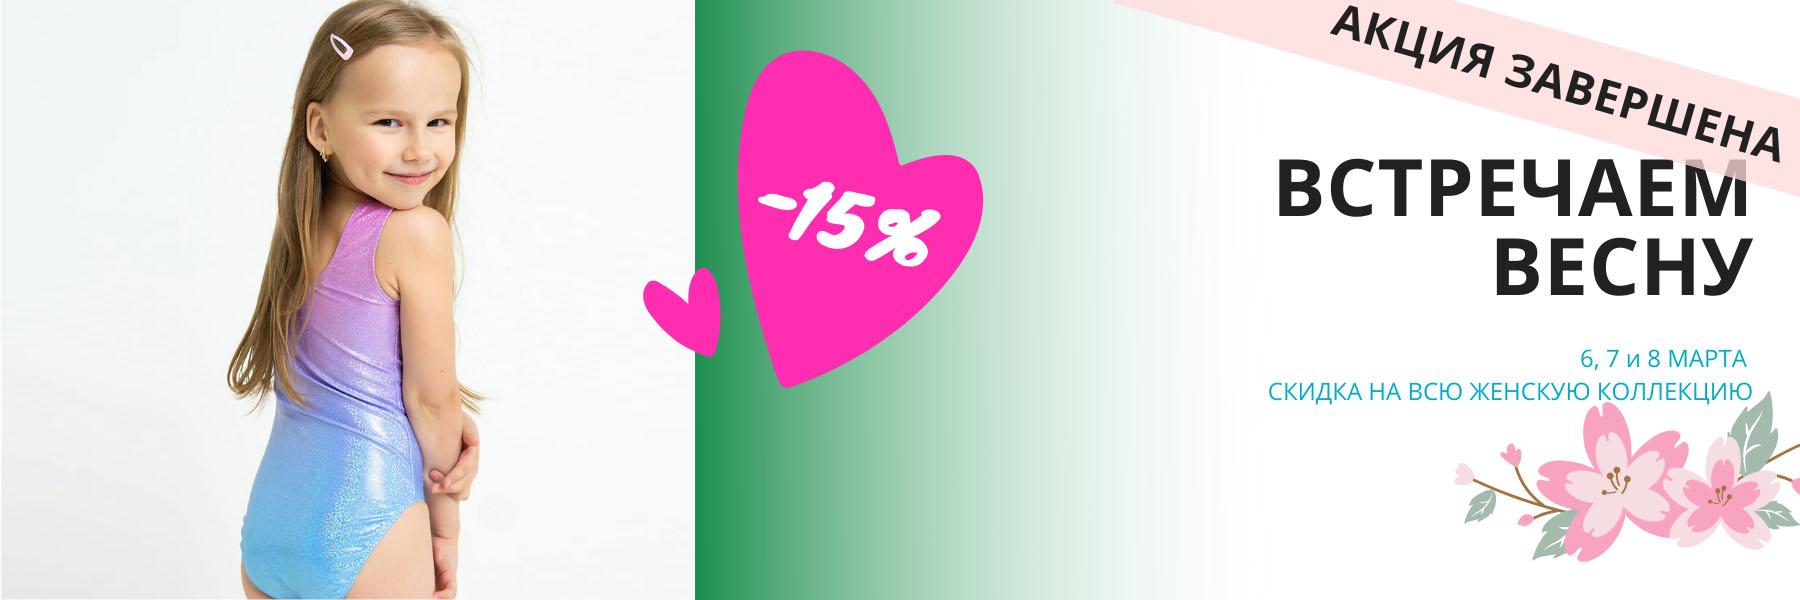 СКИДКА 15% НА ВСЮ ЖЕНСКУЮ КОЛЛЕКЦИЮ